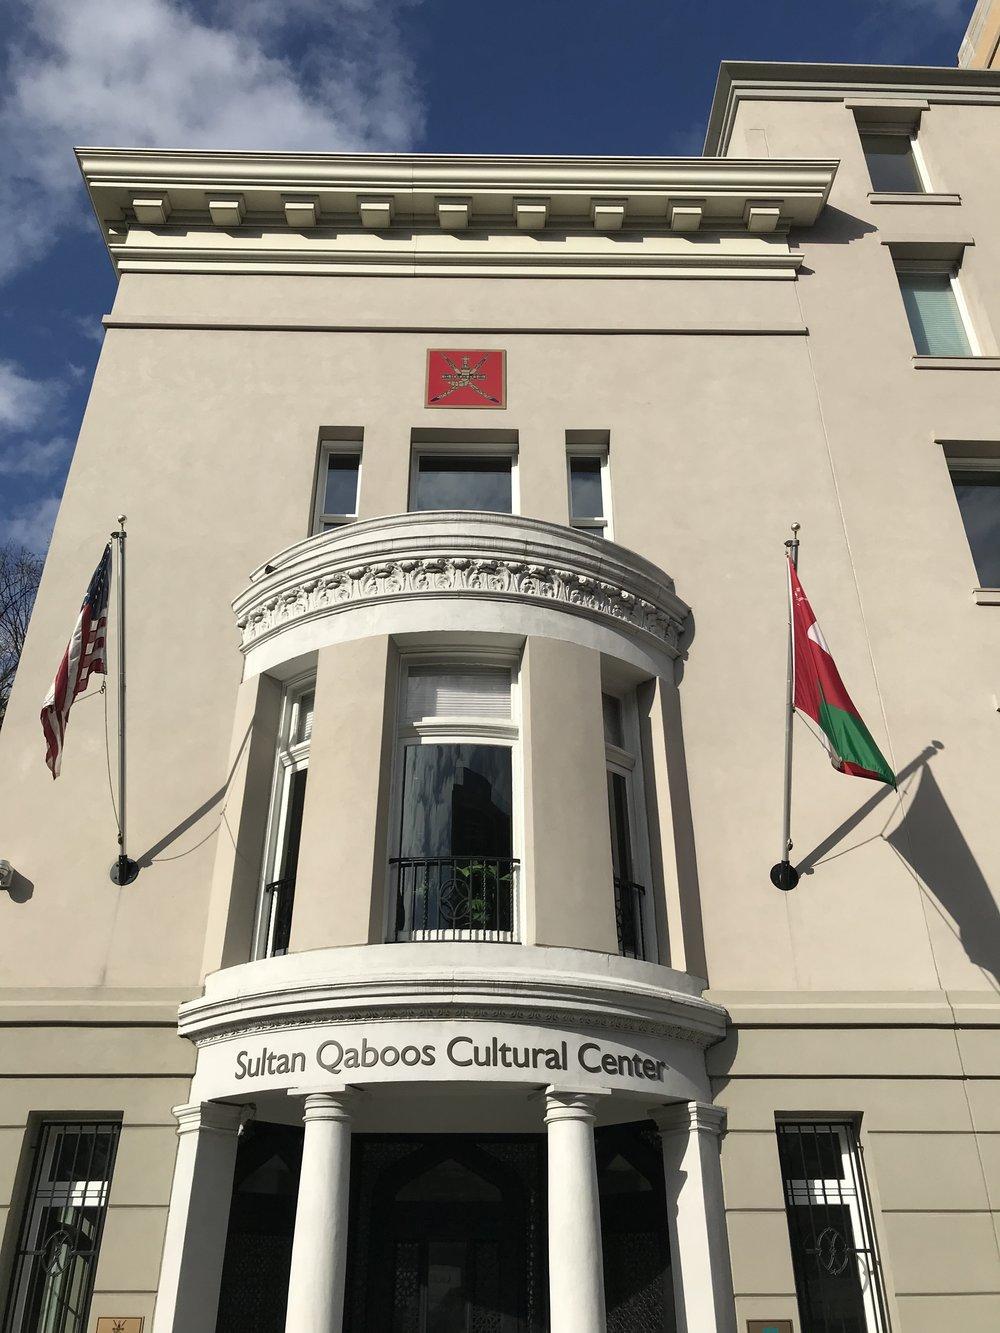 The Sultan Qaboos Cultural Center.